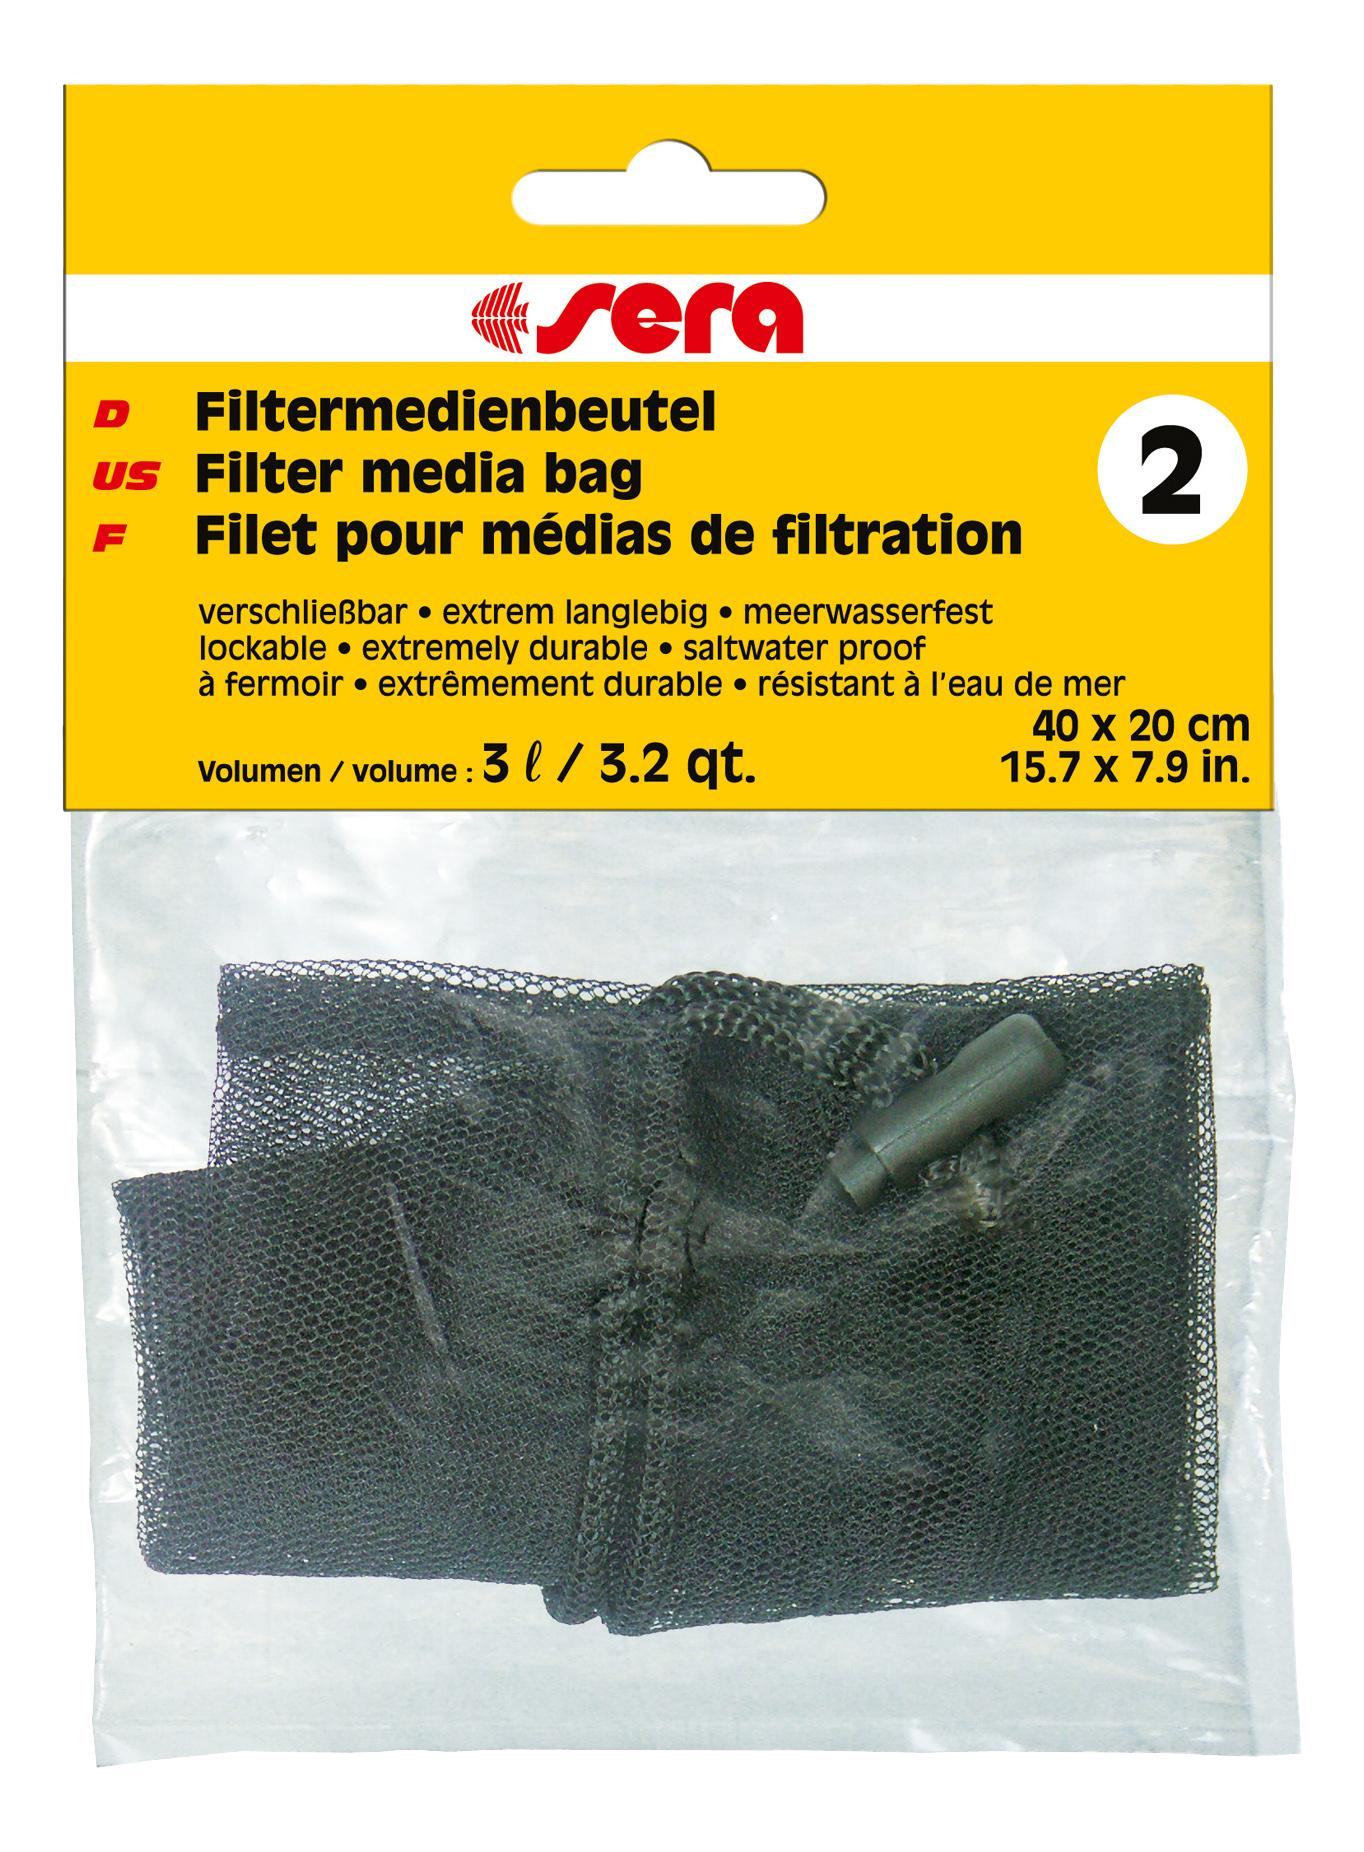 Мешок для фильтрующих материалов Sera №2 для фильтров,